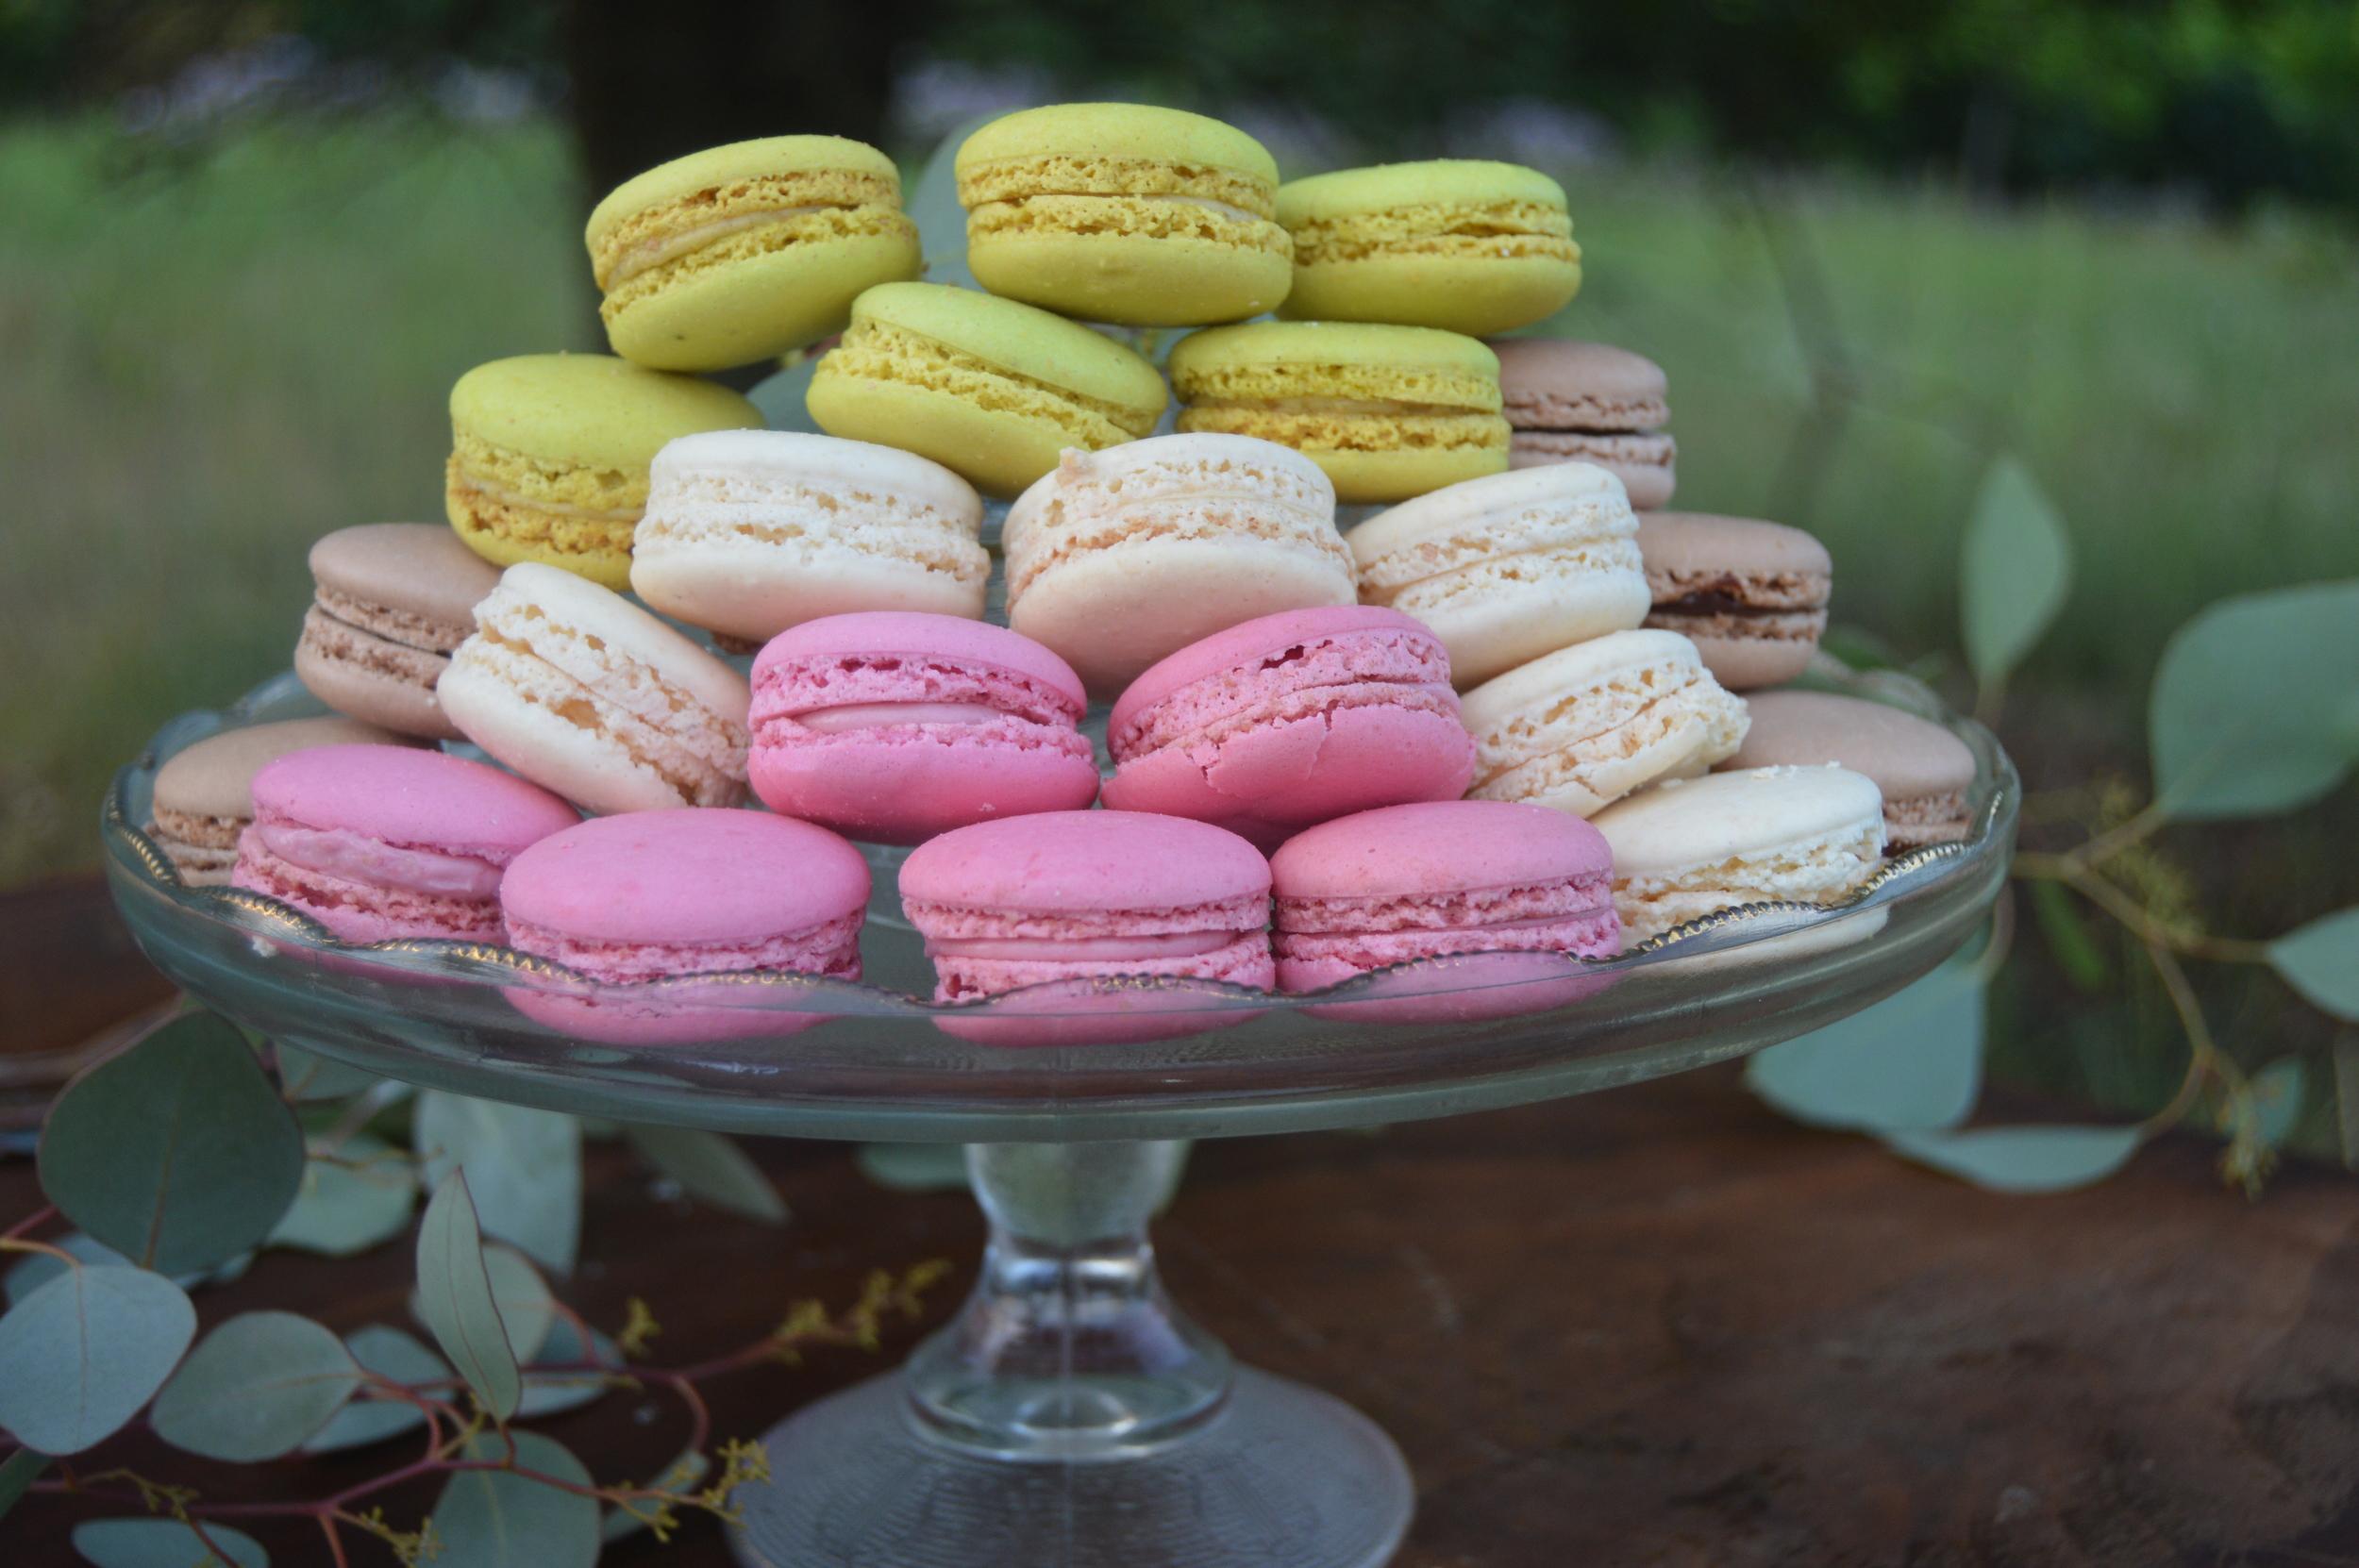 macaron station french macaron station french macarons wedding macarons